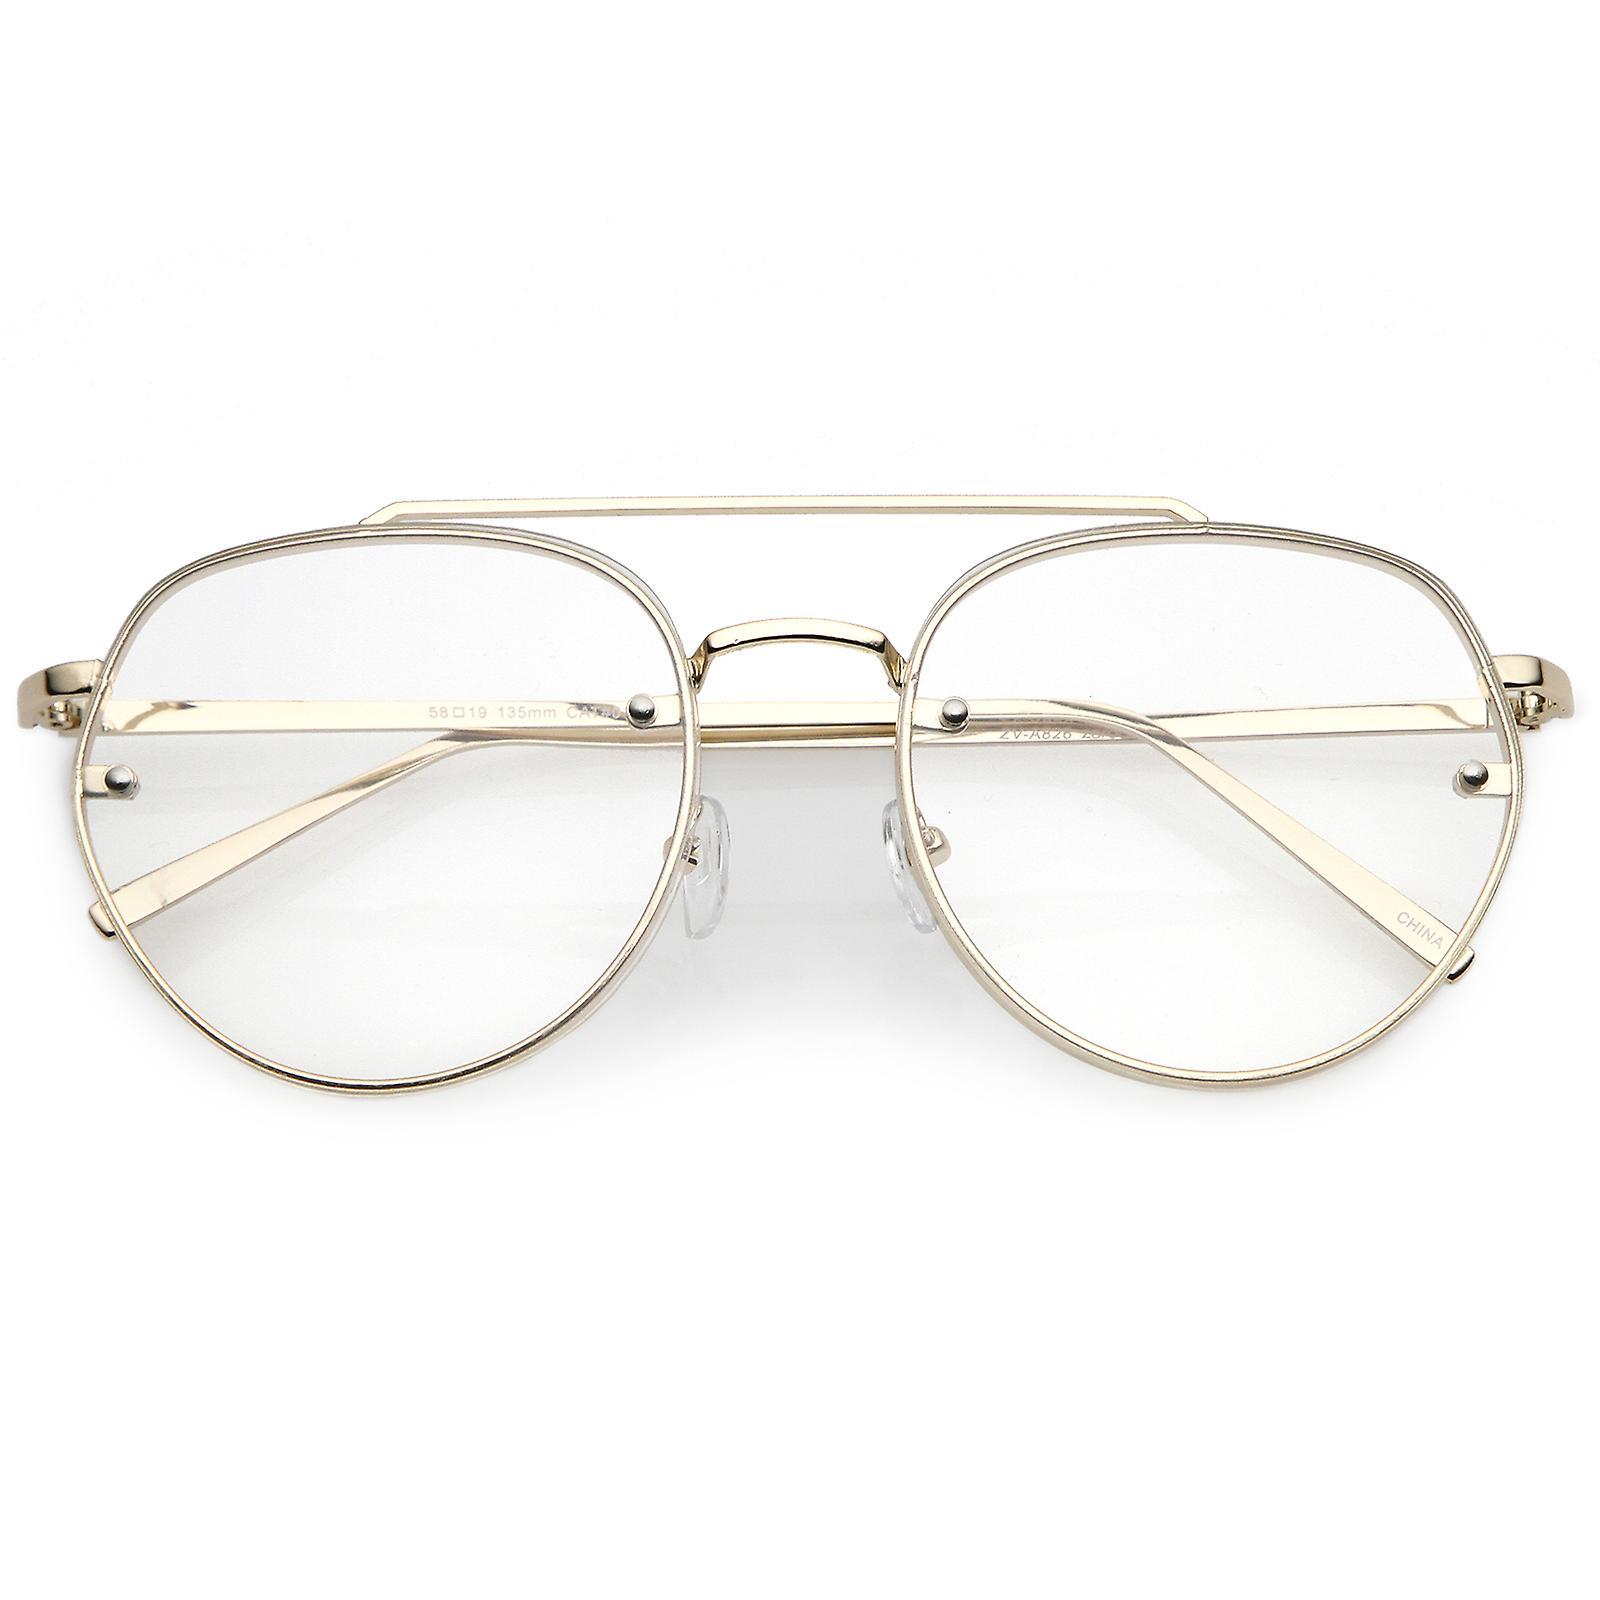 f6a40e13e2 Modern Round Aviator Eyeglasses Slim Brow Bar Rimless Clear Flat Lens 59mm